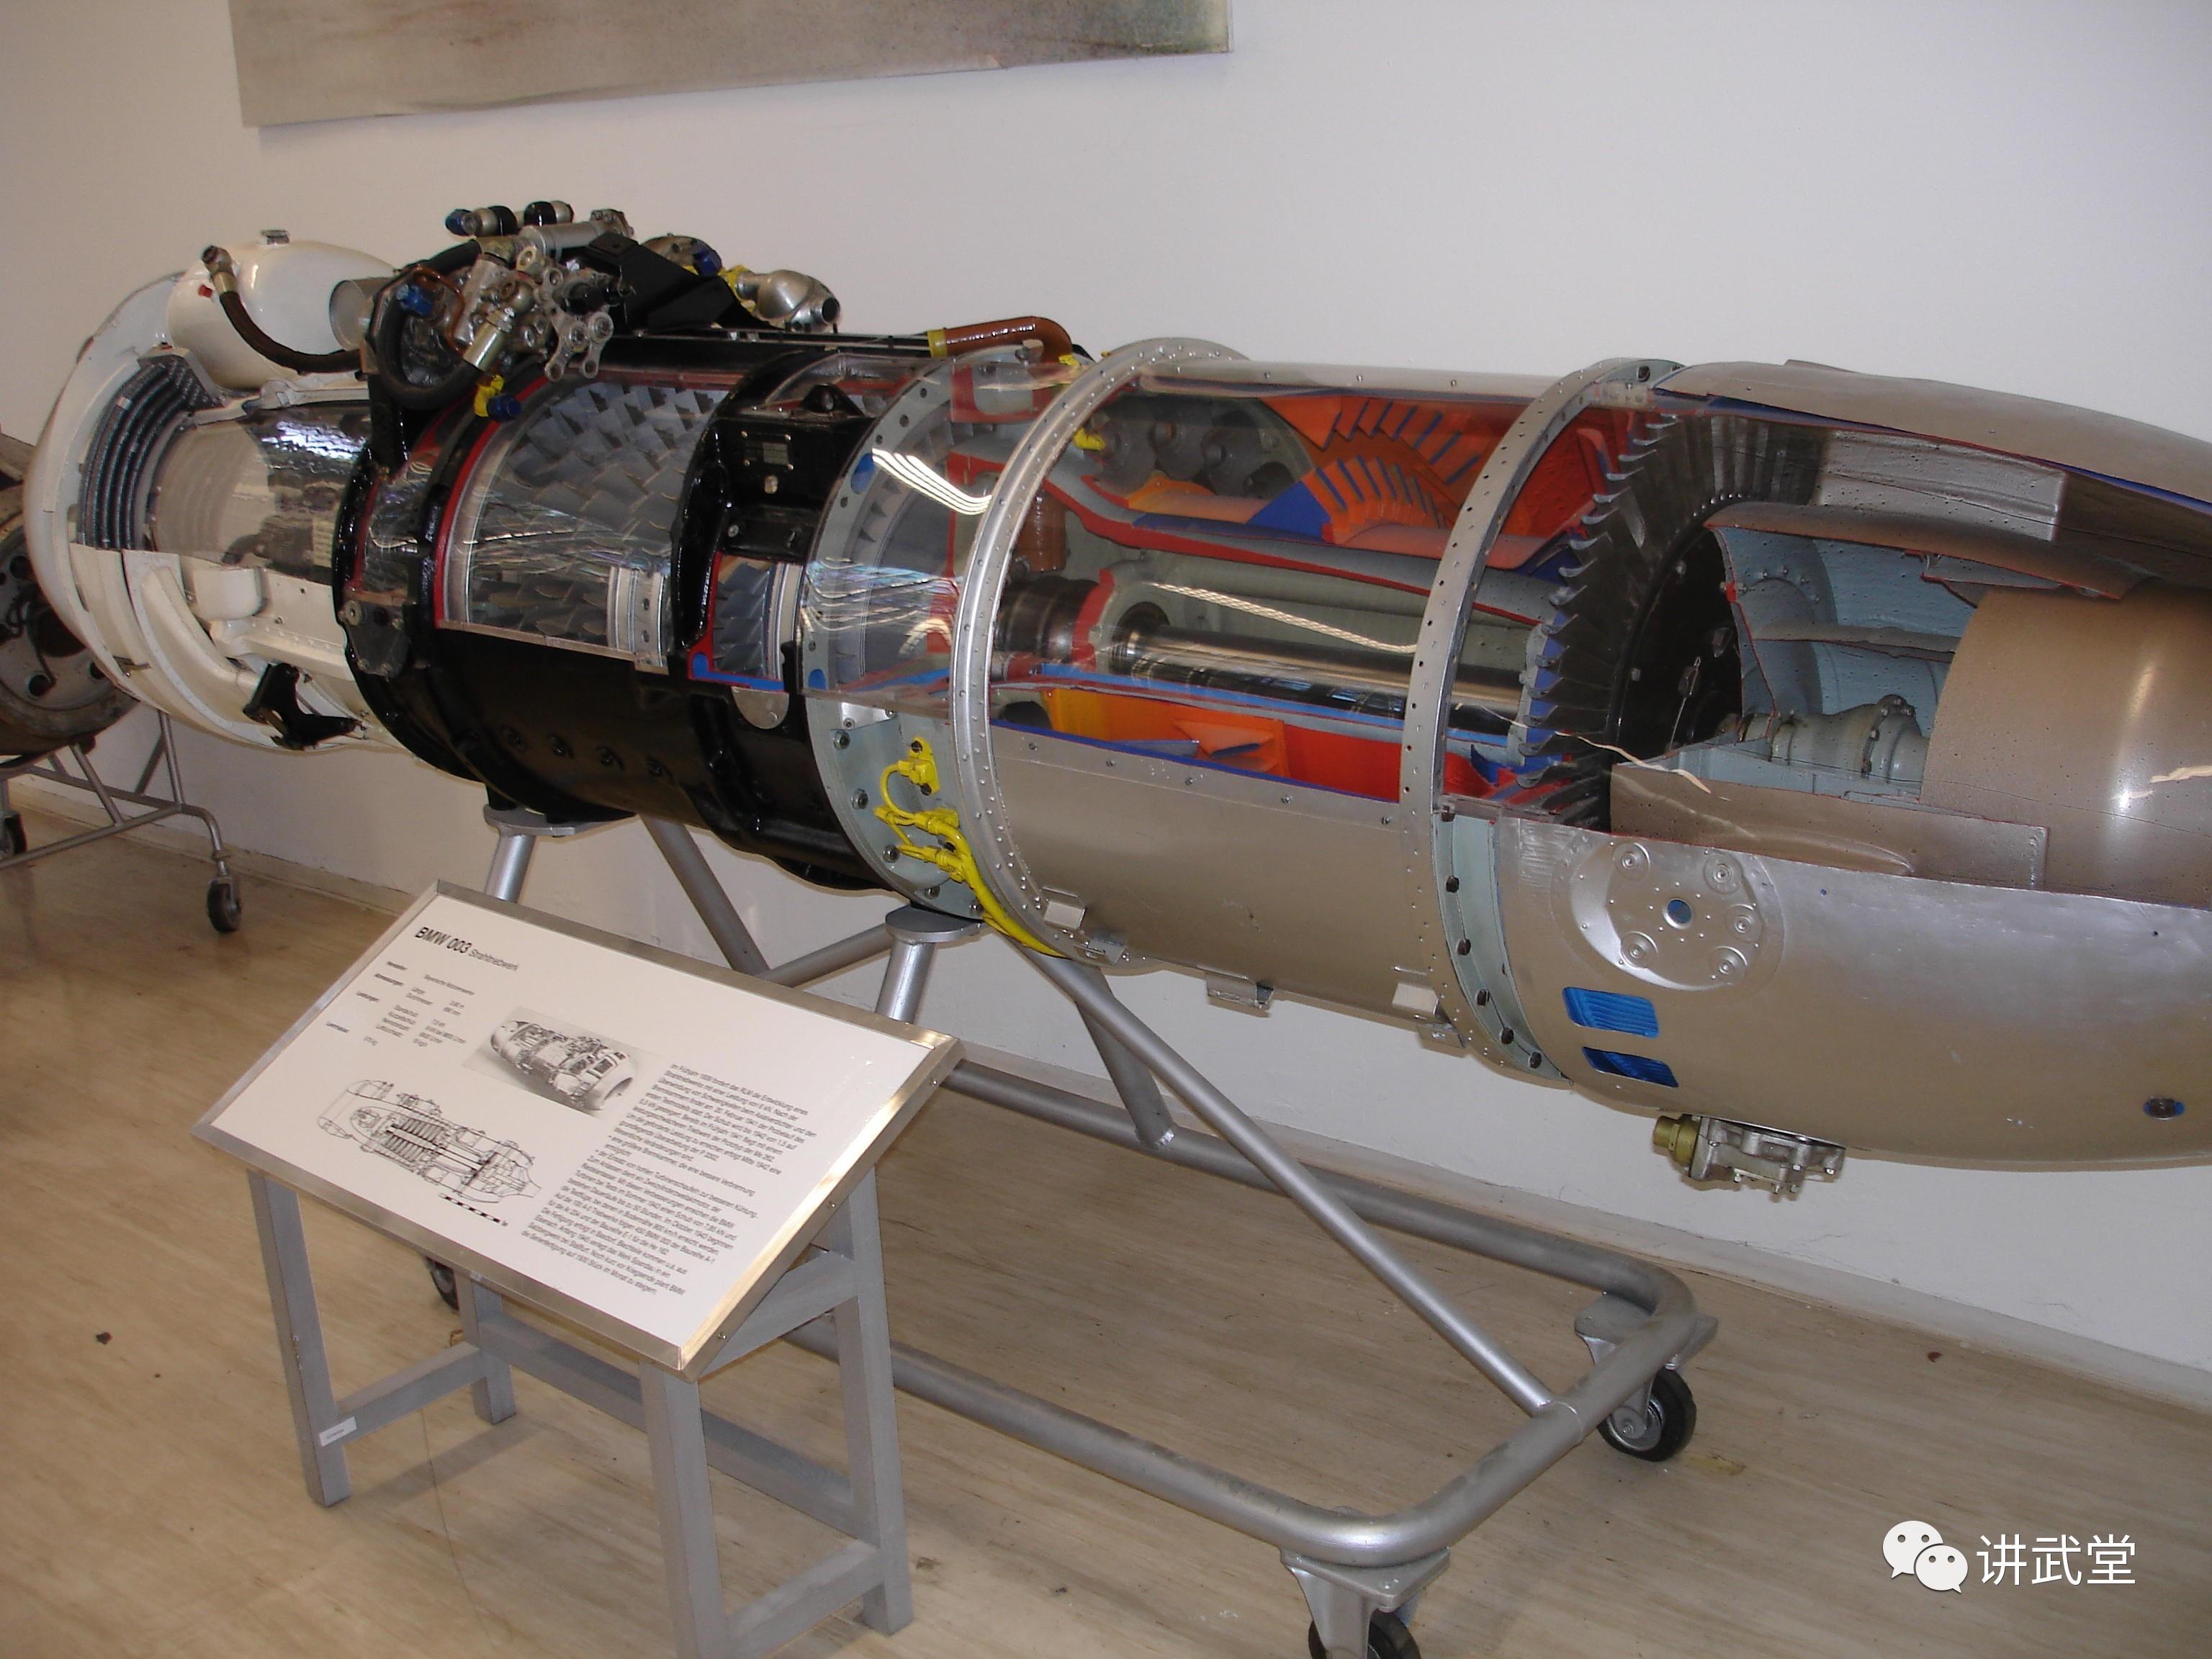 003喷气发动机,纳粹德国研制于1940年